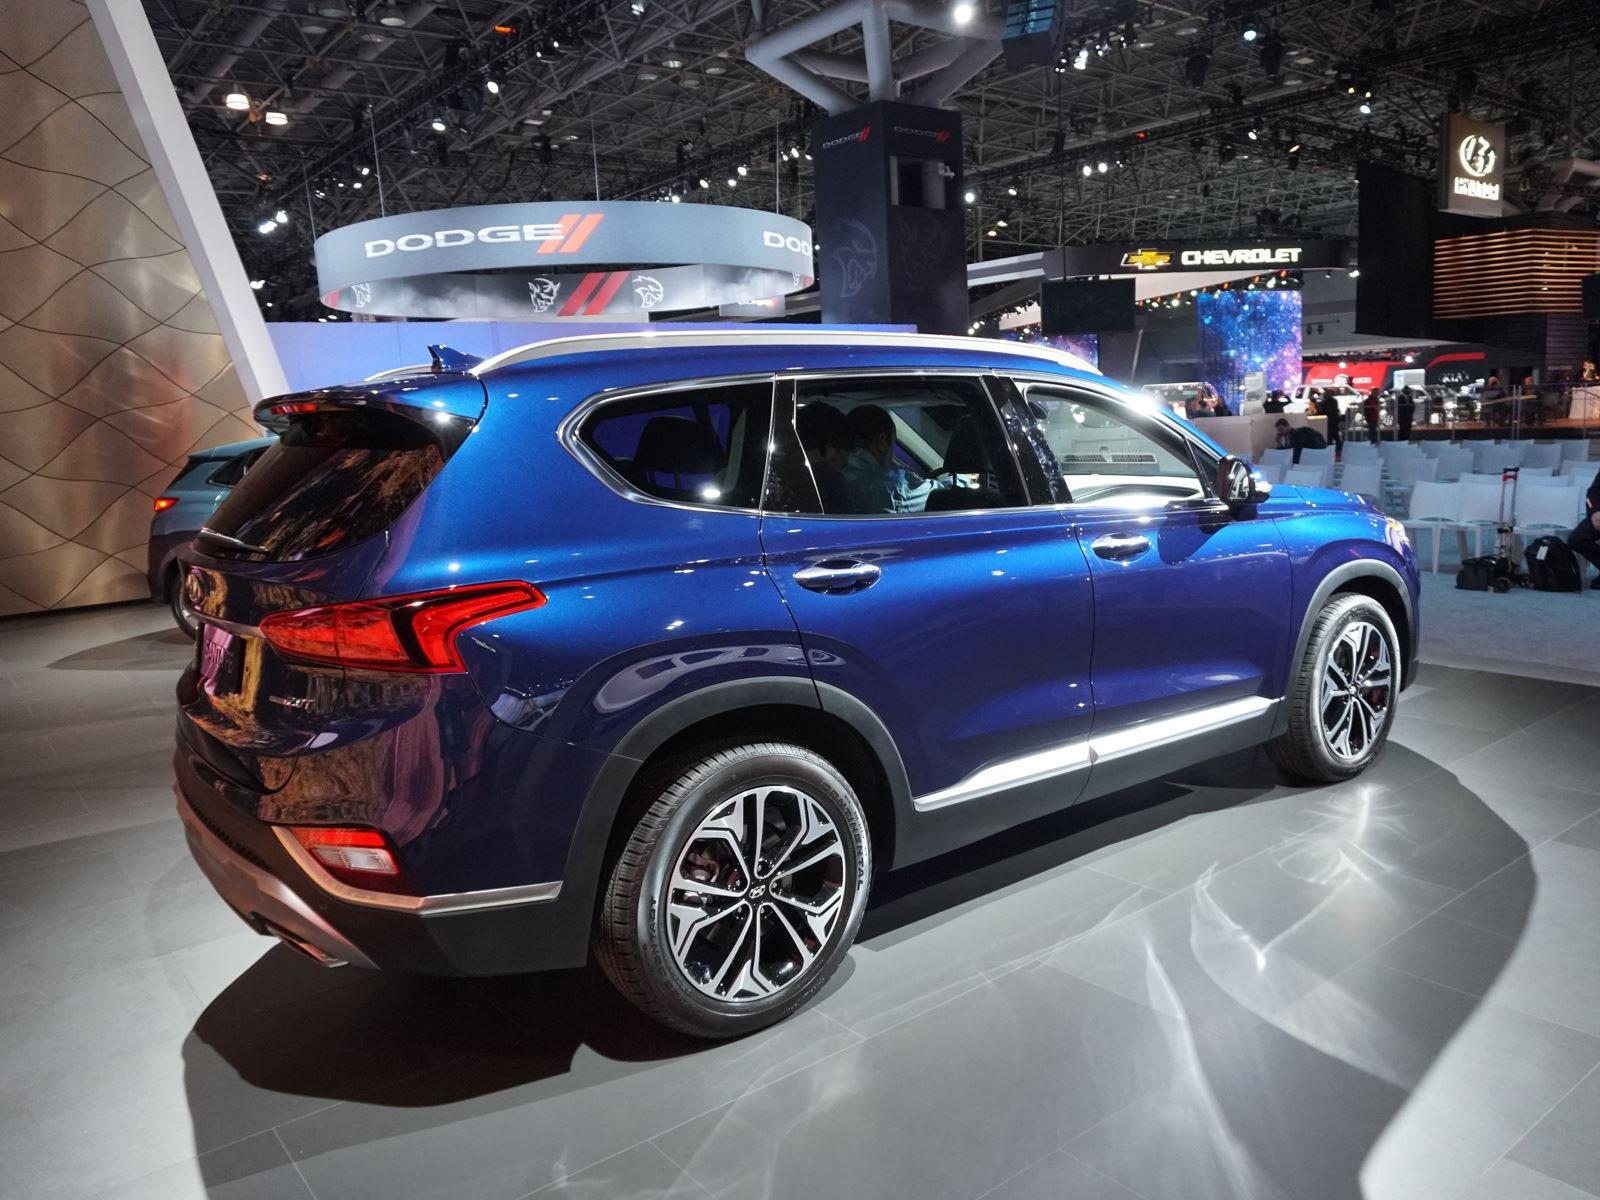 Santa Fe Sport становится больше похожа просто Santa Fe, но теперь она стала больше, и Hyundai добавляет дизельную установку в линейку двигателей, а дизельные модели даже поставляются с опциональным третьим рядом сидений.